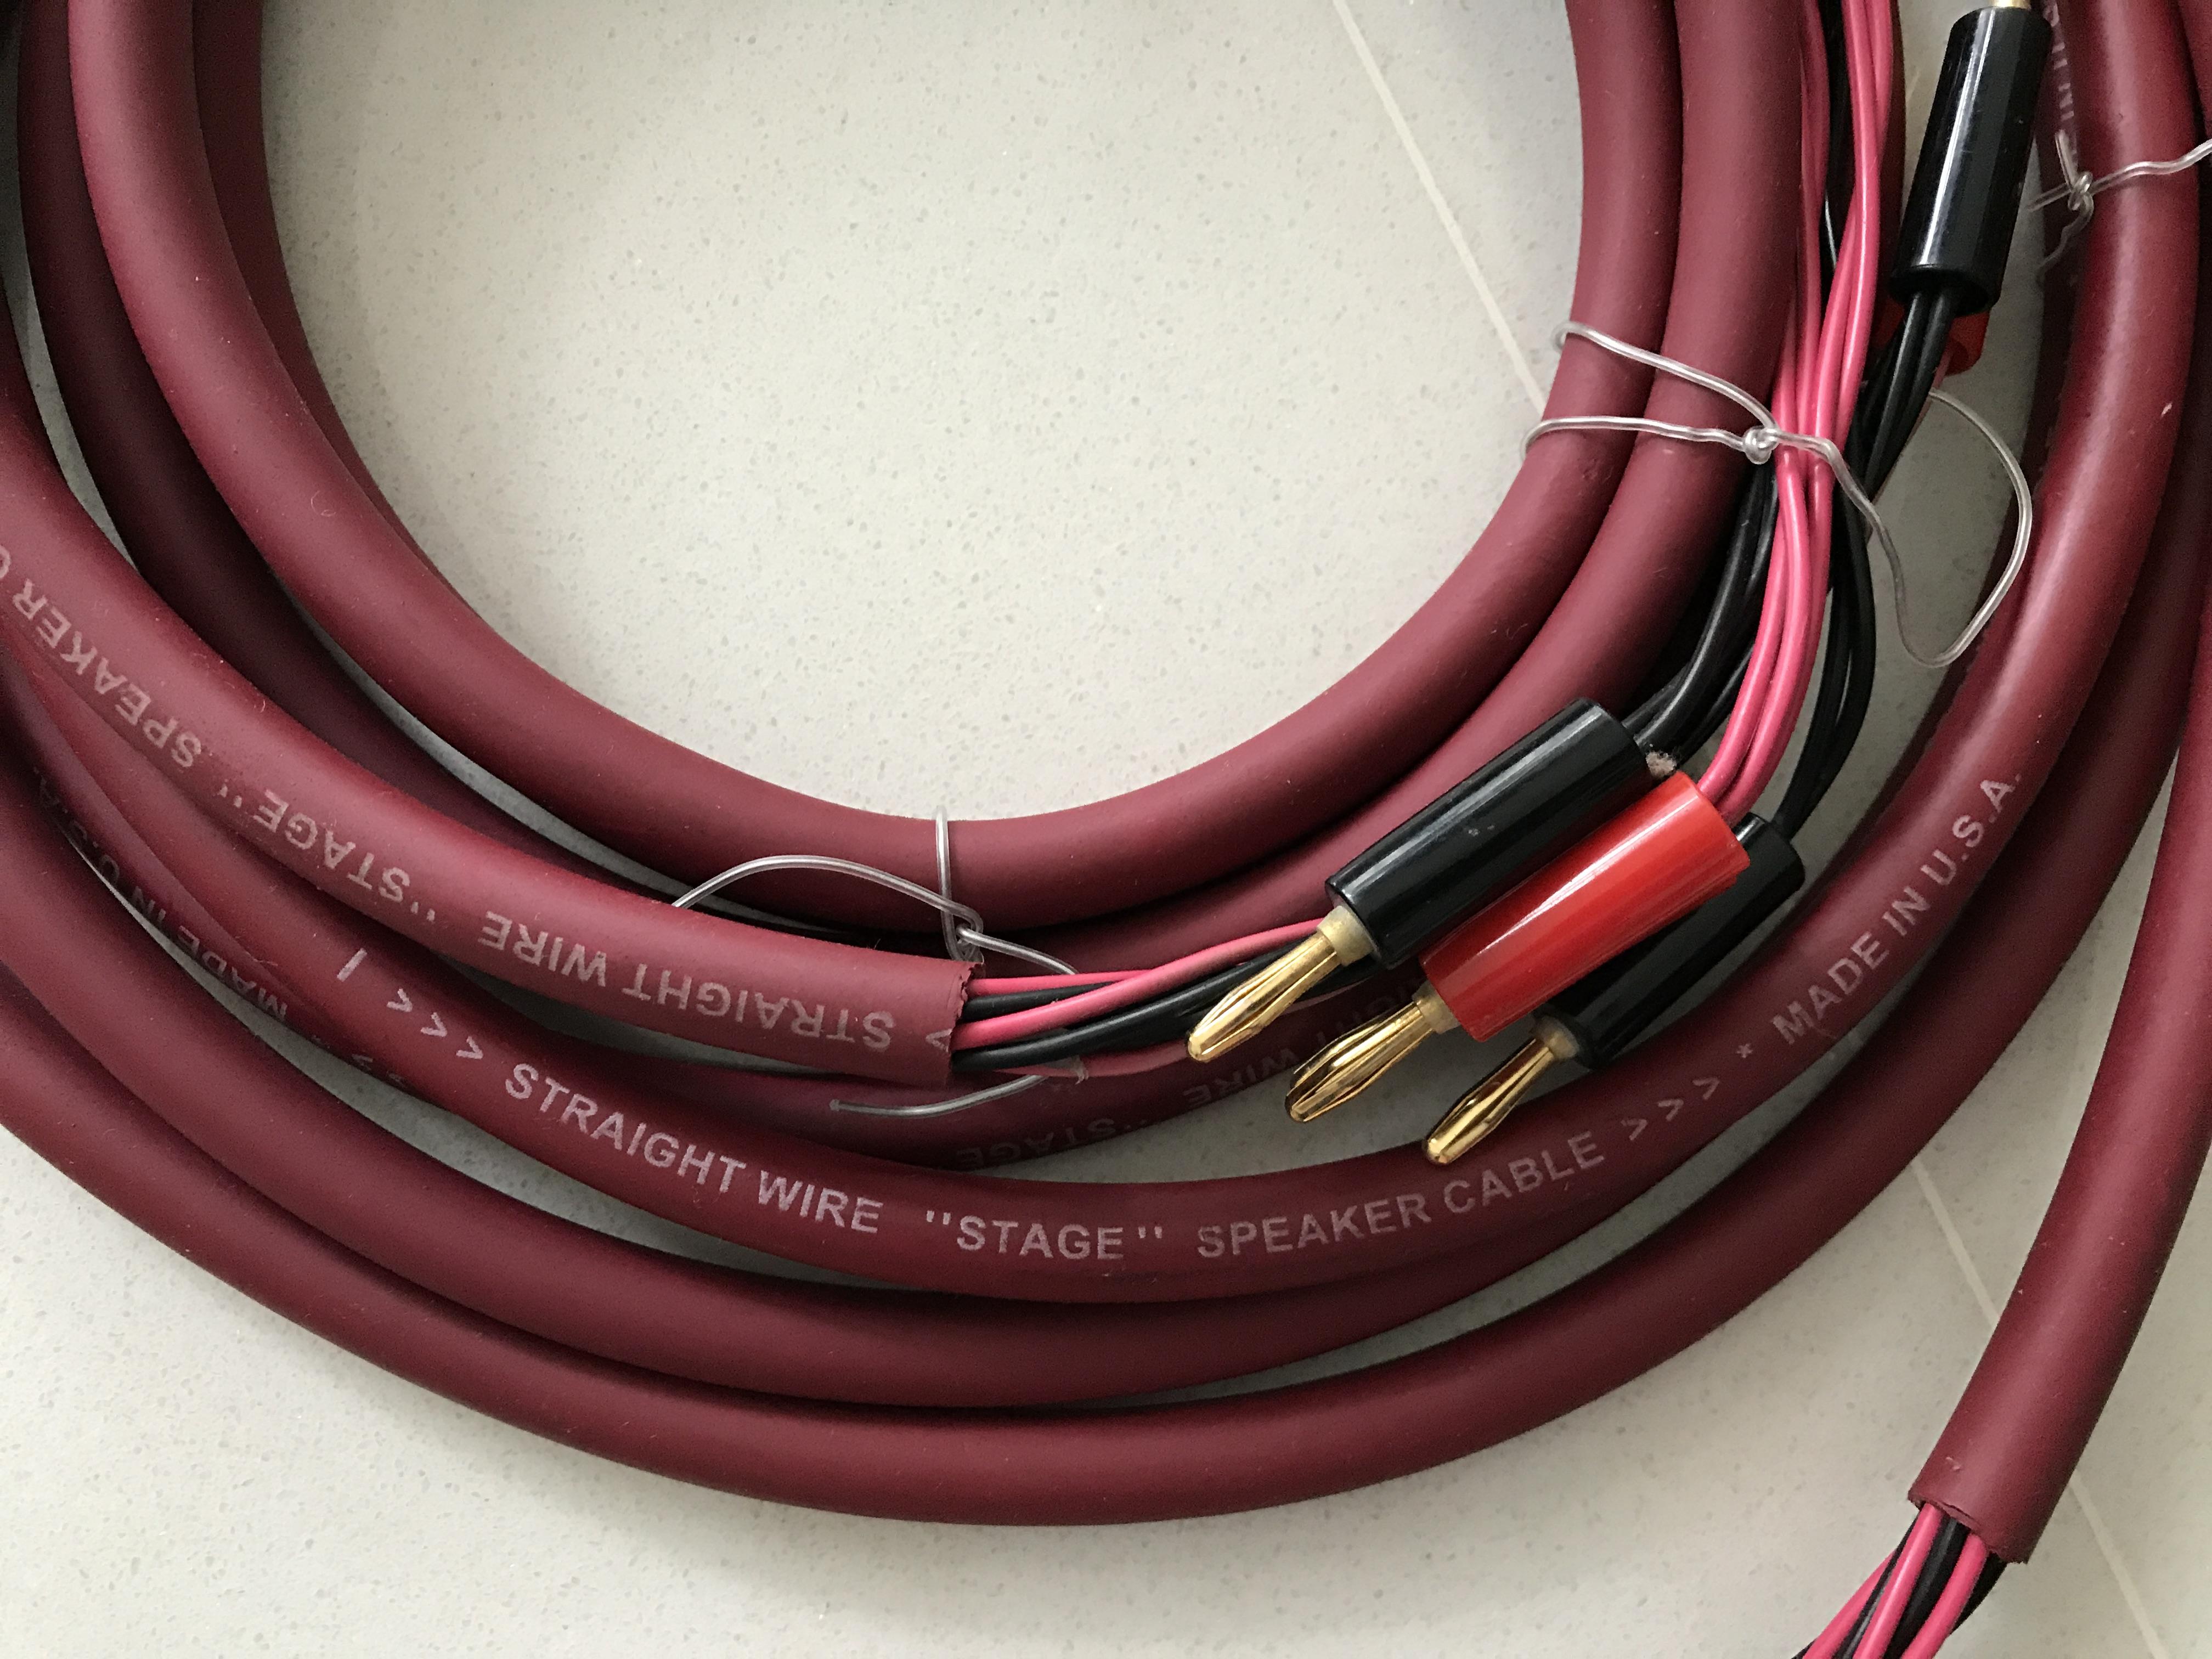 Straight Wire \